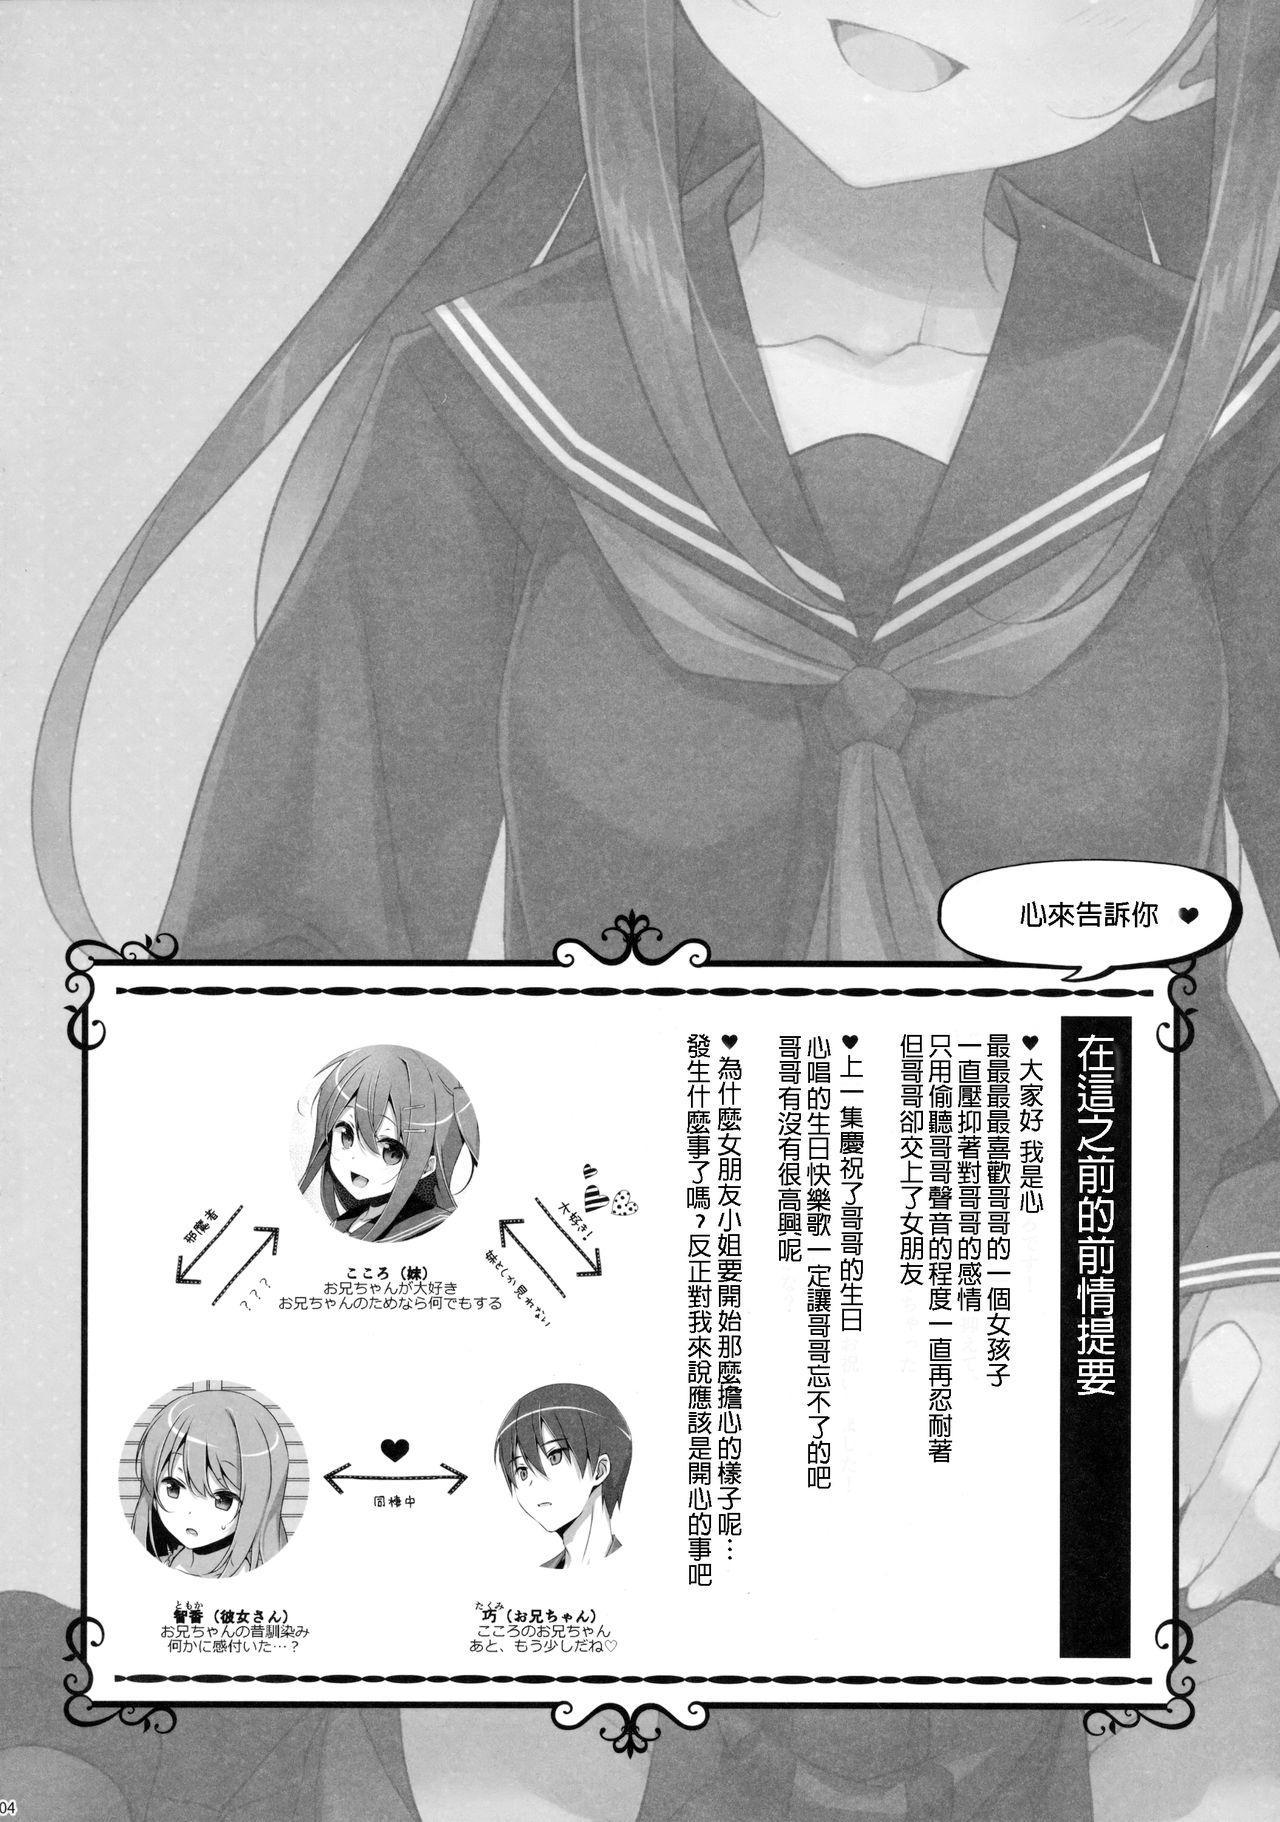 Watashi no, Onii-chan 4 3